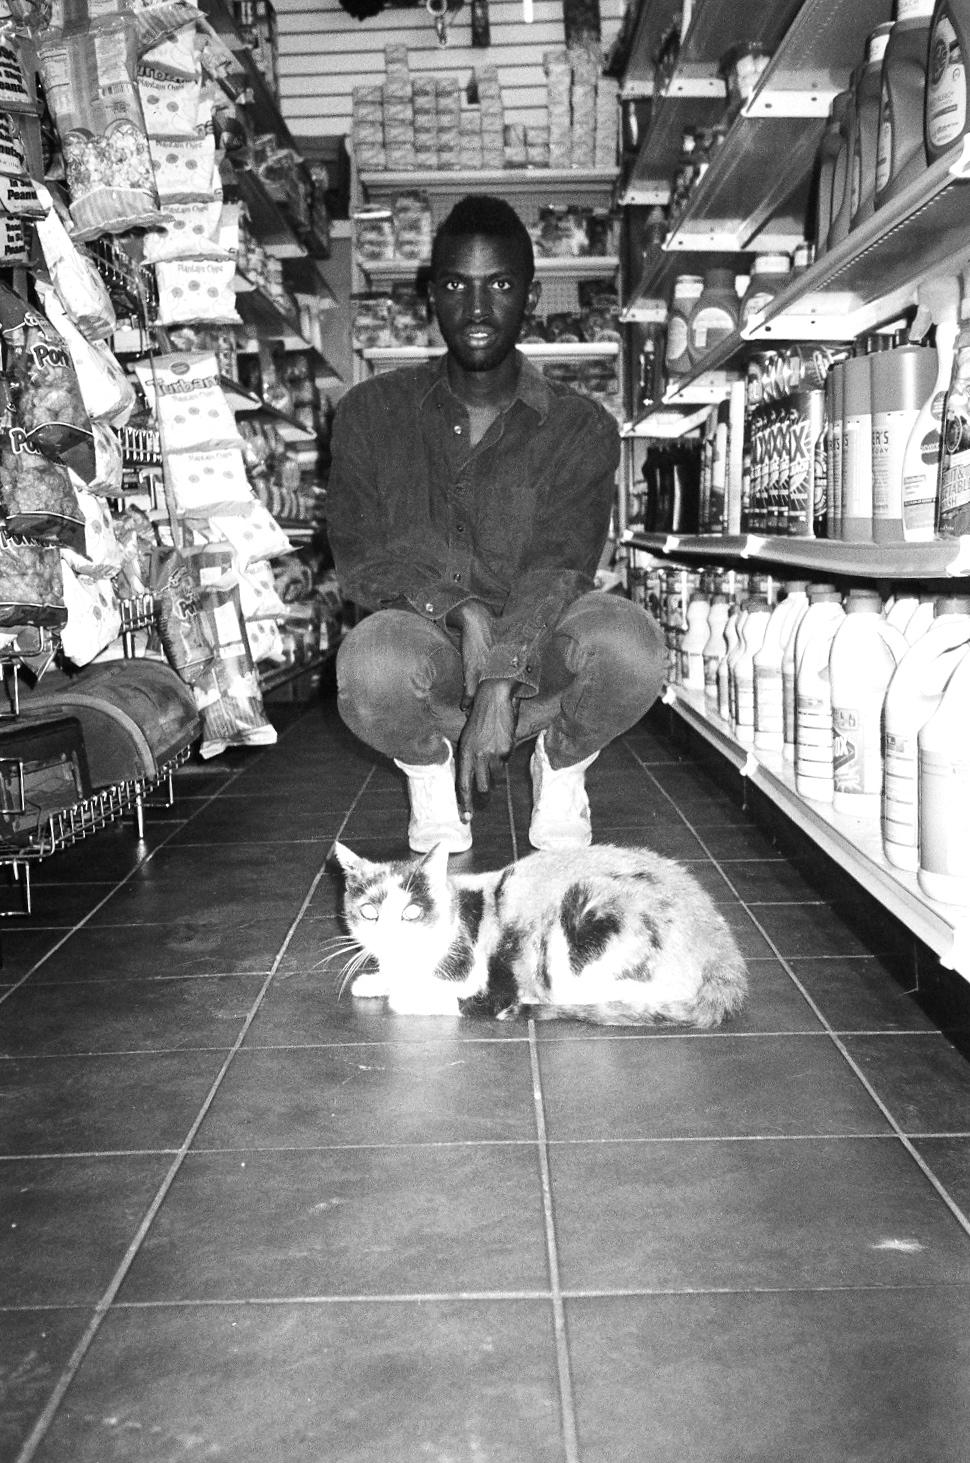 Wayne and cat